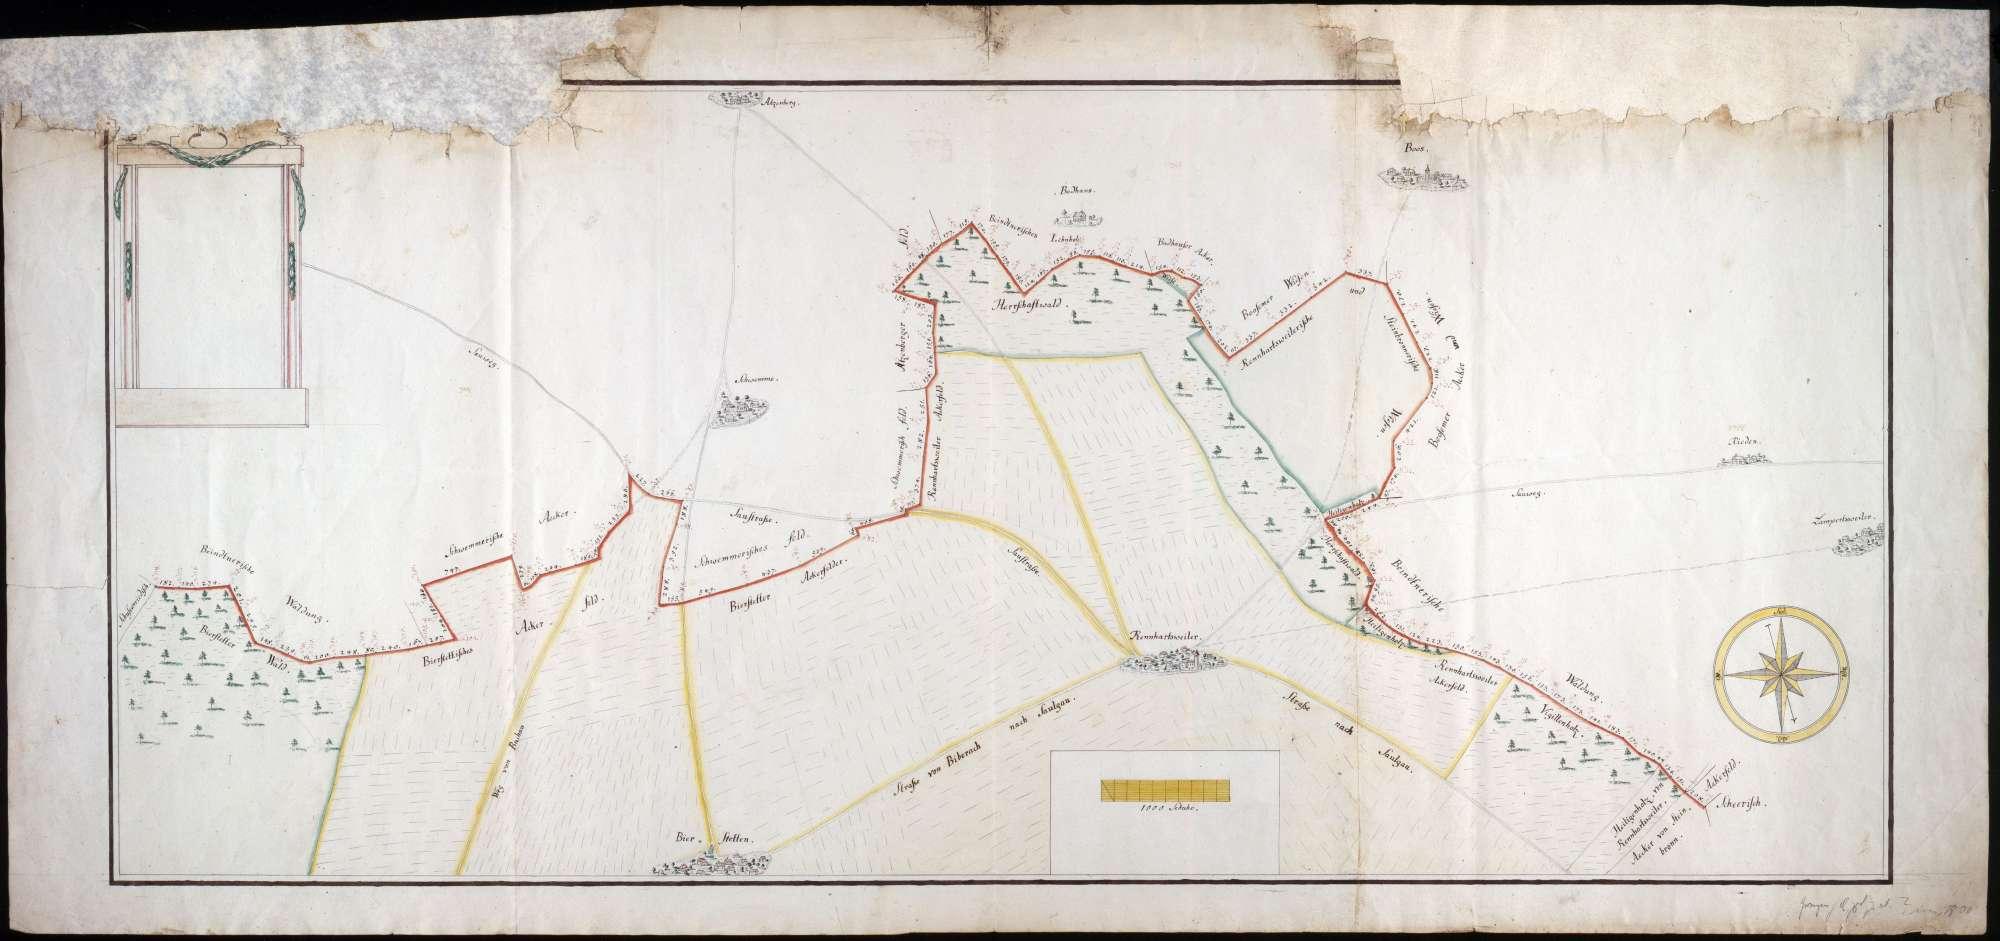 Grenze zwischen Scheer, Saulgau, Buchau und Schussenried Maßstab ca. 1 : 4000 col. handgez., Bild 1